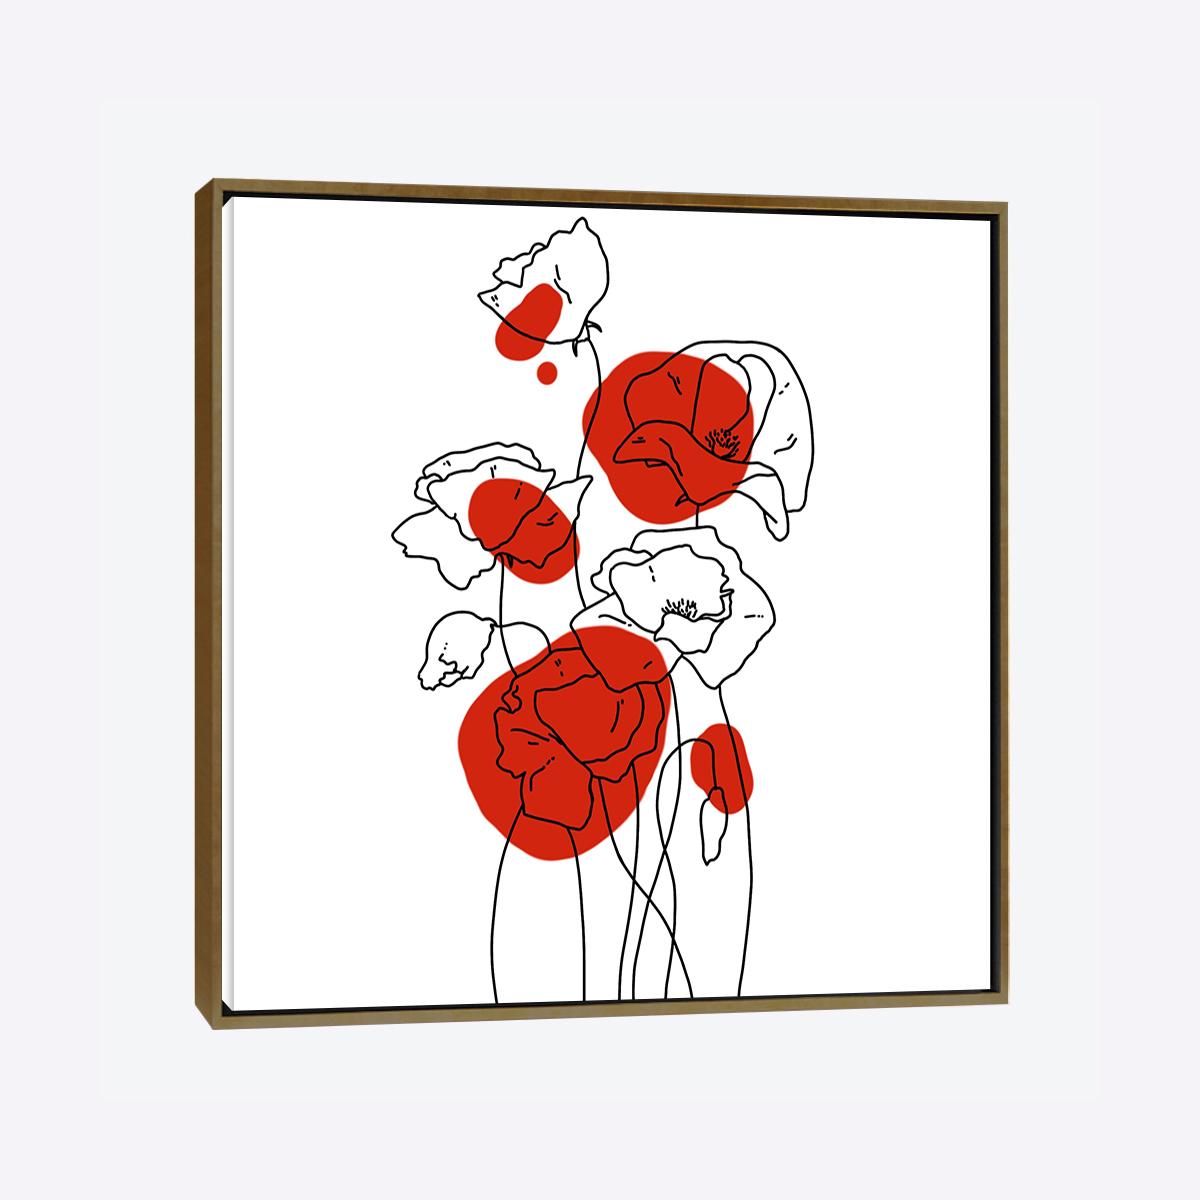 لوحات جدارية - جوري محور - لوحات جدارية - لوحات فنية مميزة - لوحة حائط مفعمة بألوان الأزهار والروح الطبيعية التي تبعثها لوحات الأزهار الفنية حيث تعطي سلام وذوق رفيع يتناسب مع جميع أثاثكم